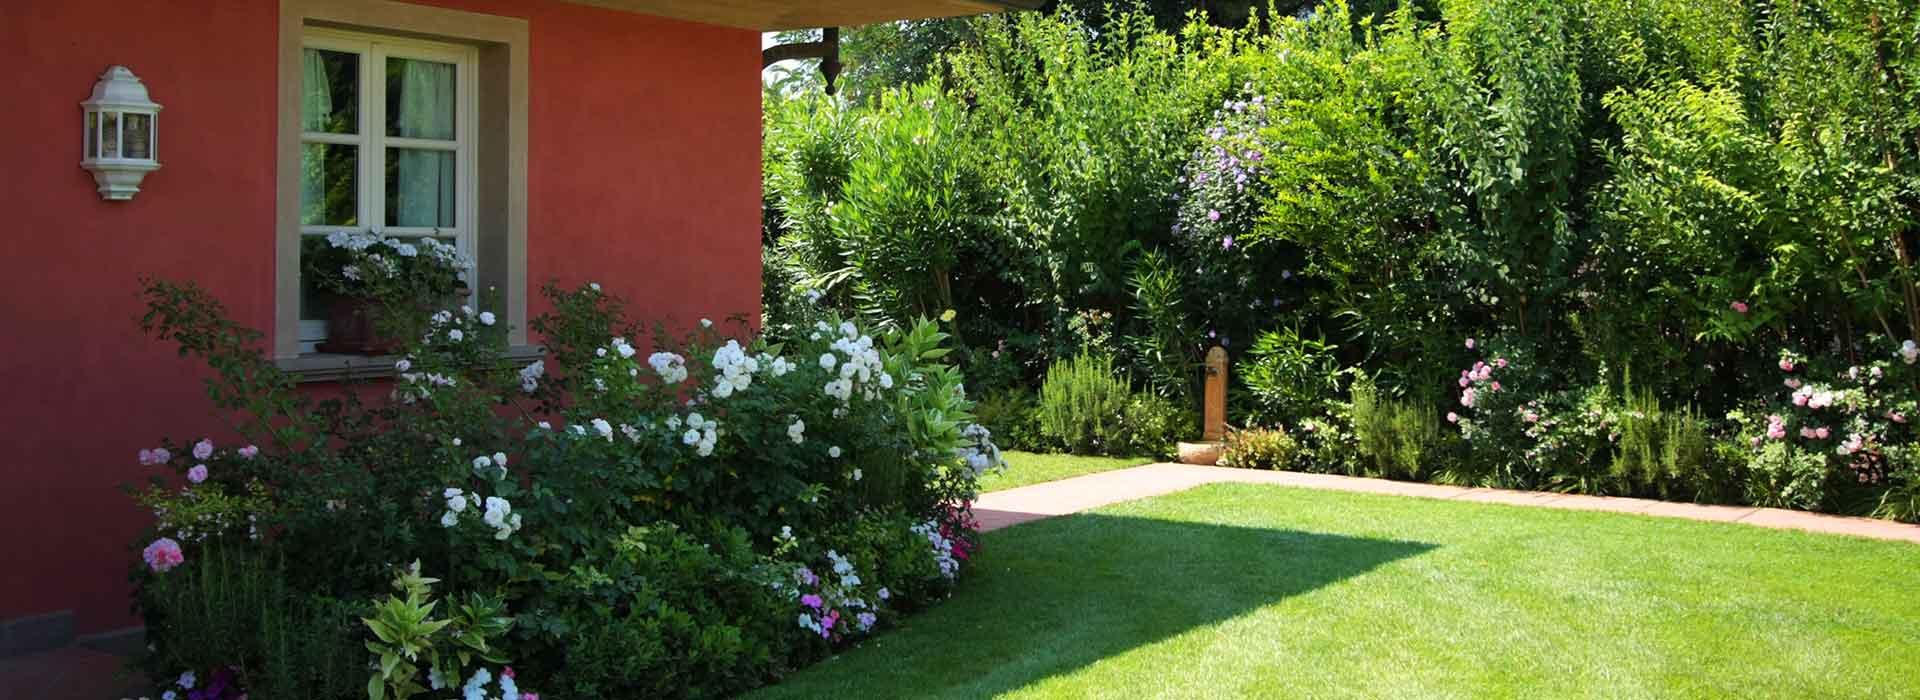 Progettazione e creazione giardini a pisa lucca livorno for Realizzazione giardini privati